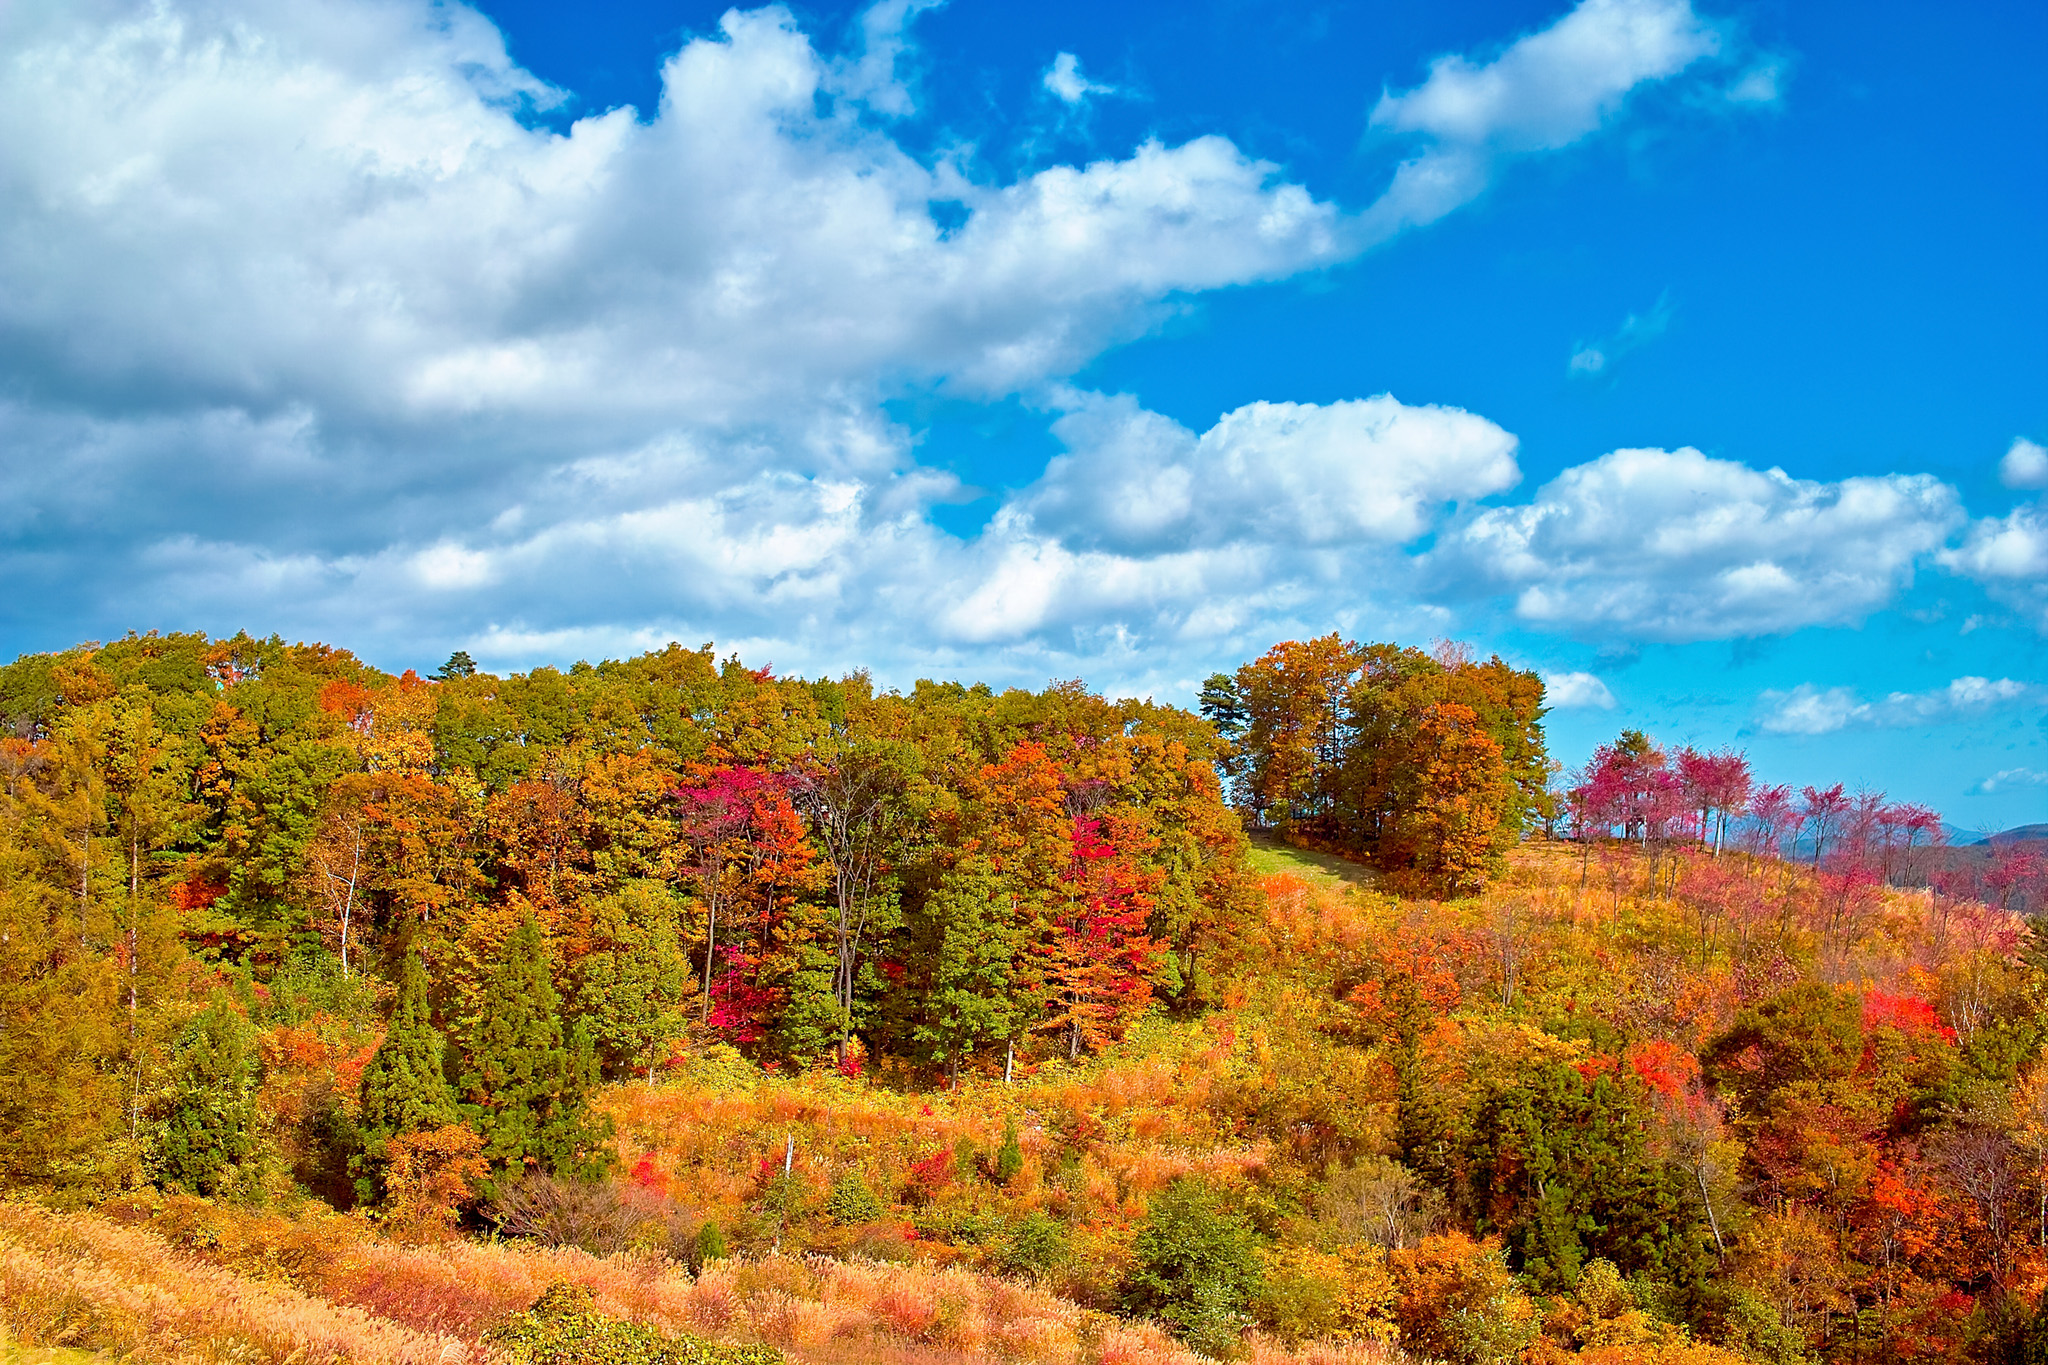 「季節の木々」の画像を無料ダウンロード